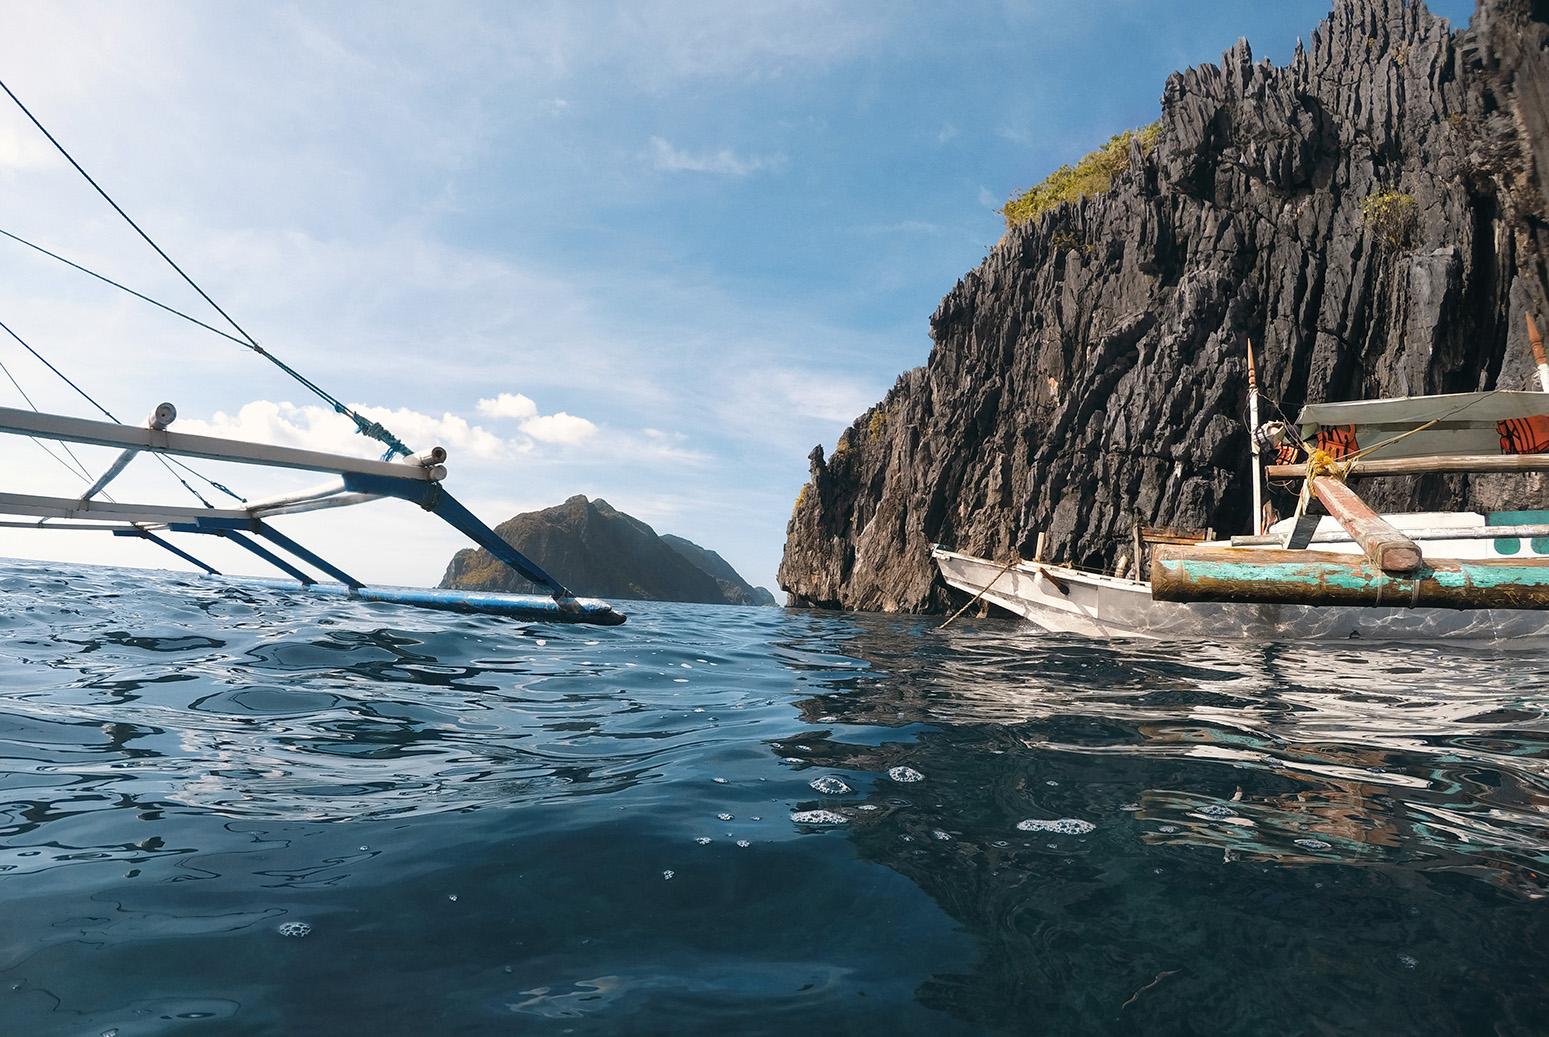 Dovolenka na Filipínach, ktoré majú viac ako 7 000 ostrovov. Prečo si vybrať Palawan?